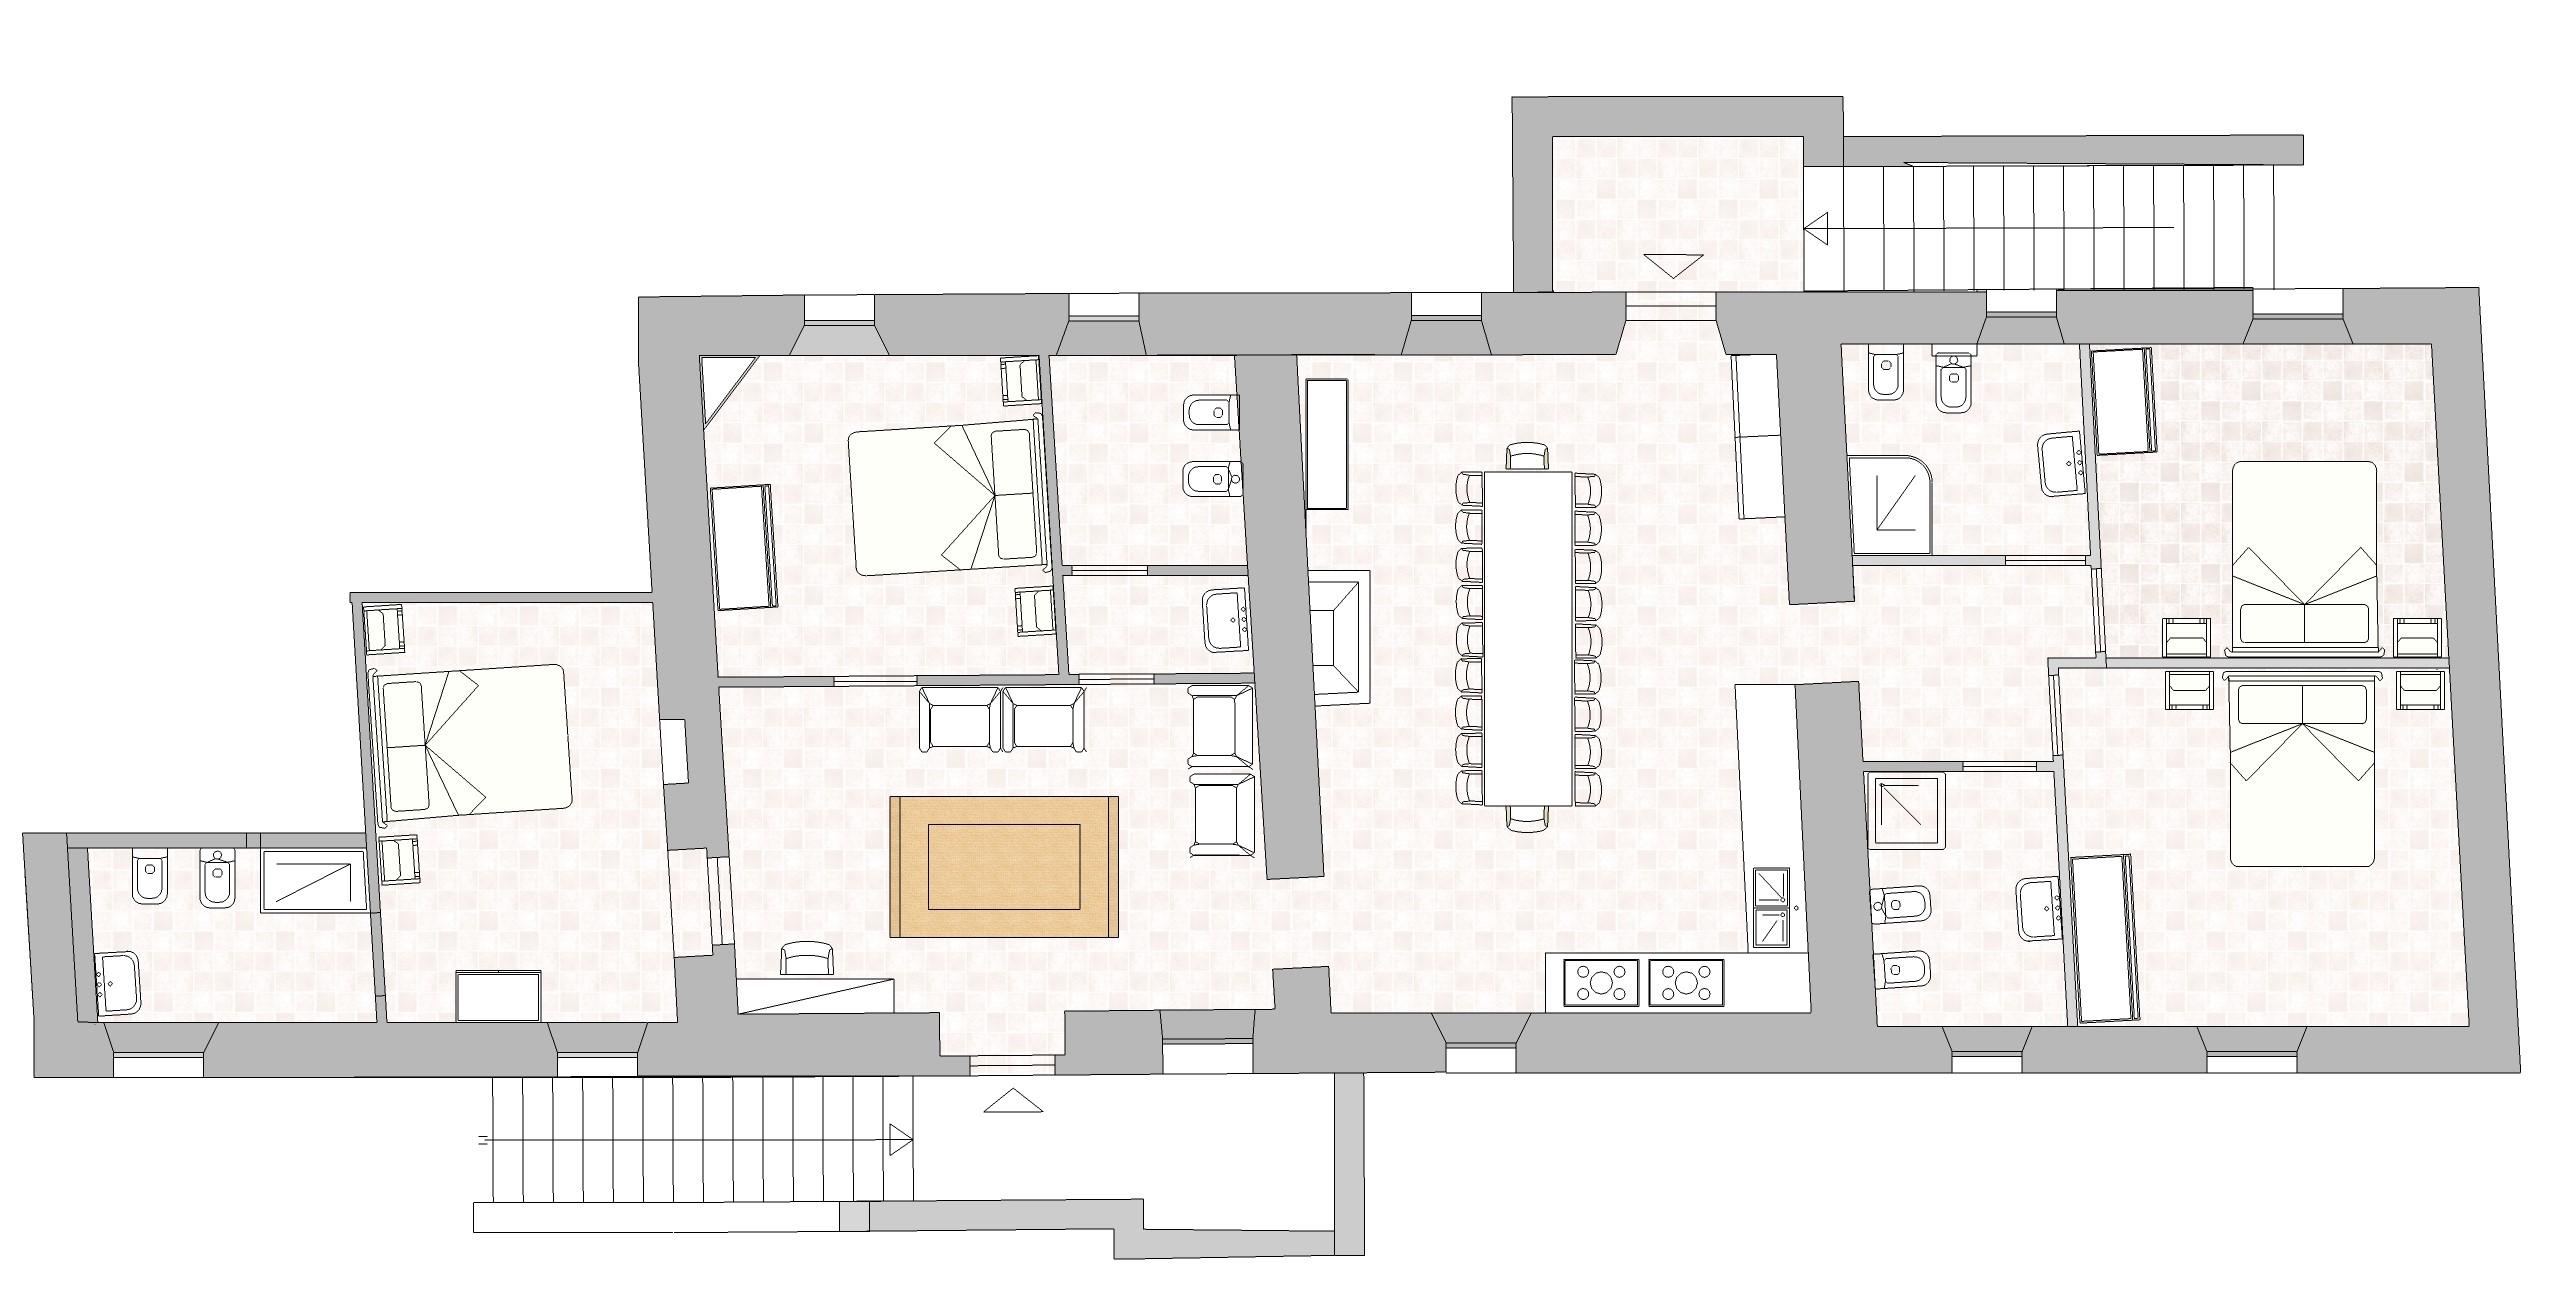 100 floor plan wedding center hall colonial floor plan floor plan wedding villa wedding italy isola maggiore suite villa san crispolto